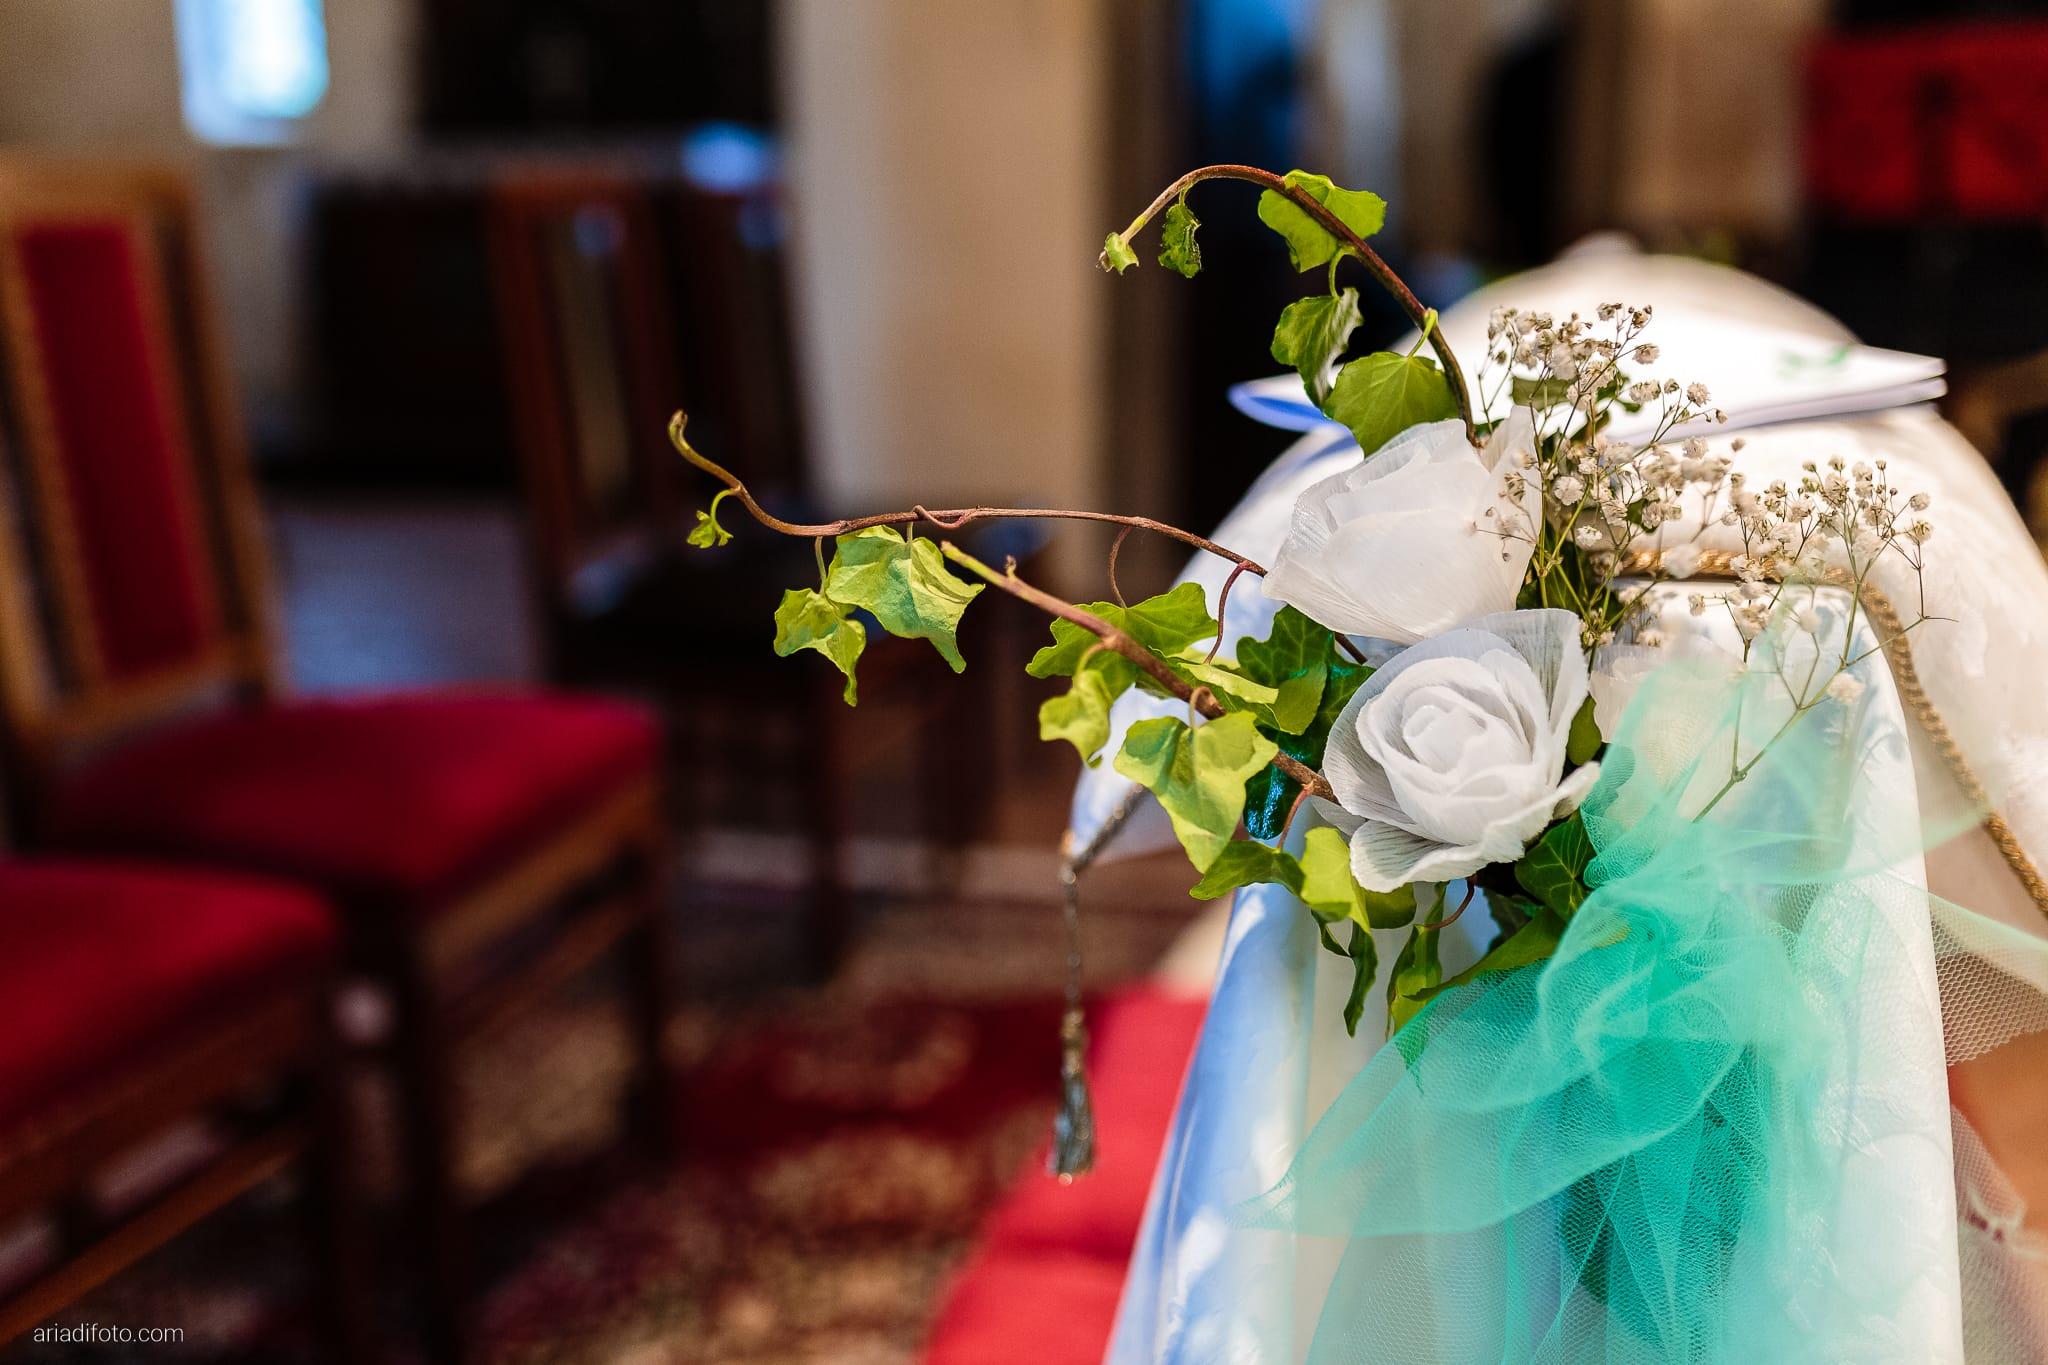 Eleonora Elia Matrimonio Chiesa Santa Eufemia Tarcento Udine Baronesse Tacco Gorizia cerimonia dettagli fiori decorazioni rose